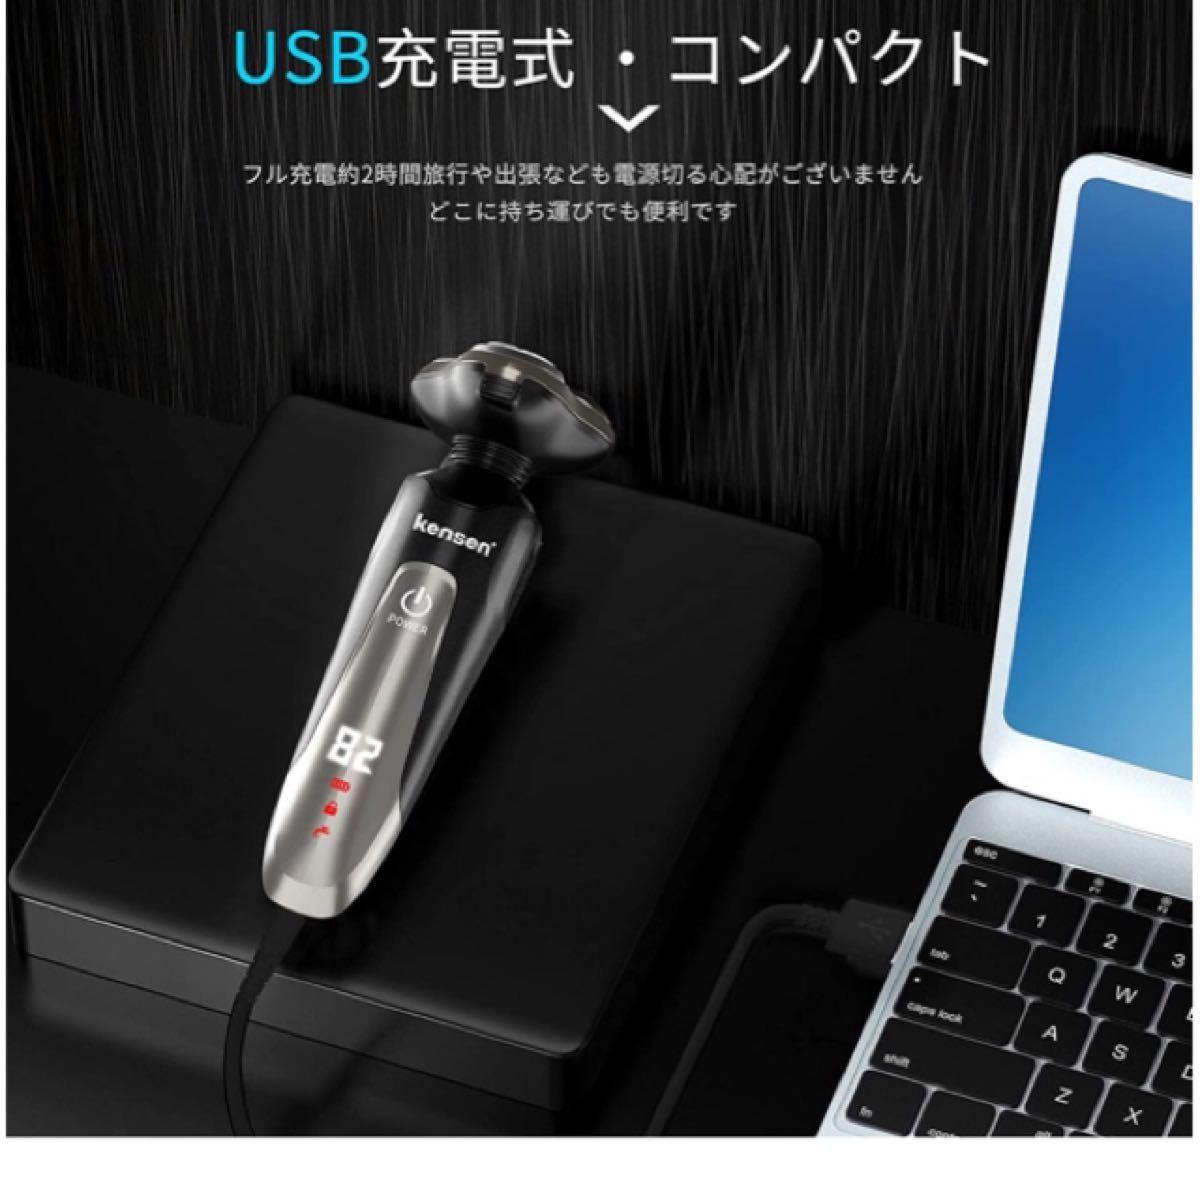 メンズシェーバー 電気ひげそり 電動回転式 USB充電式 IPX6防水